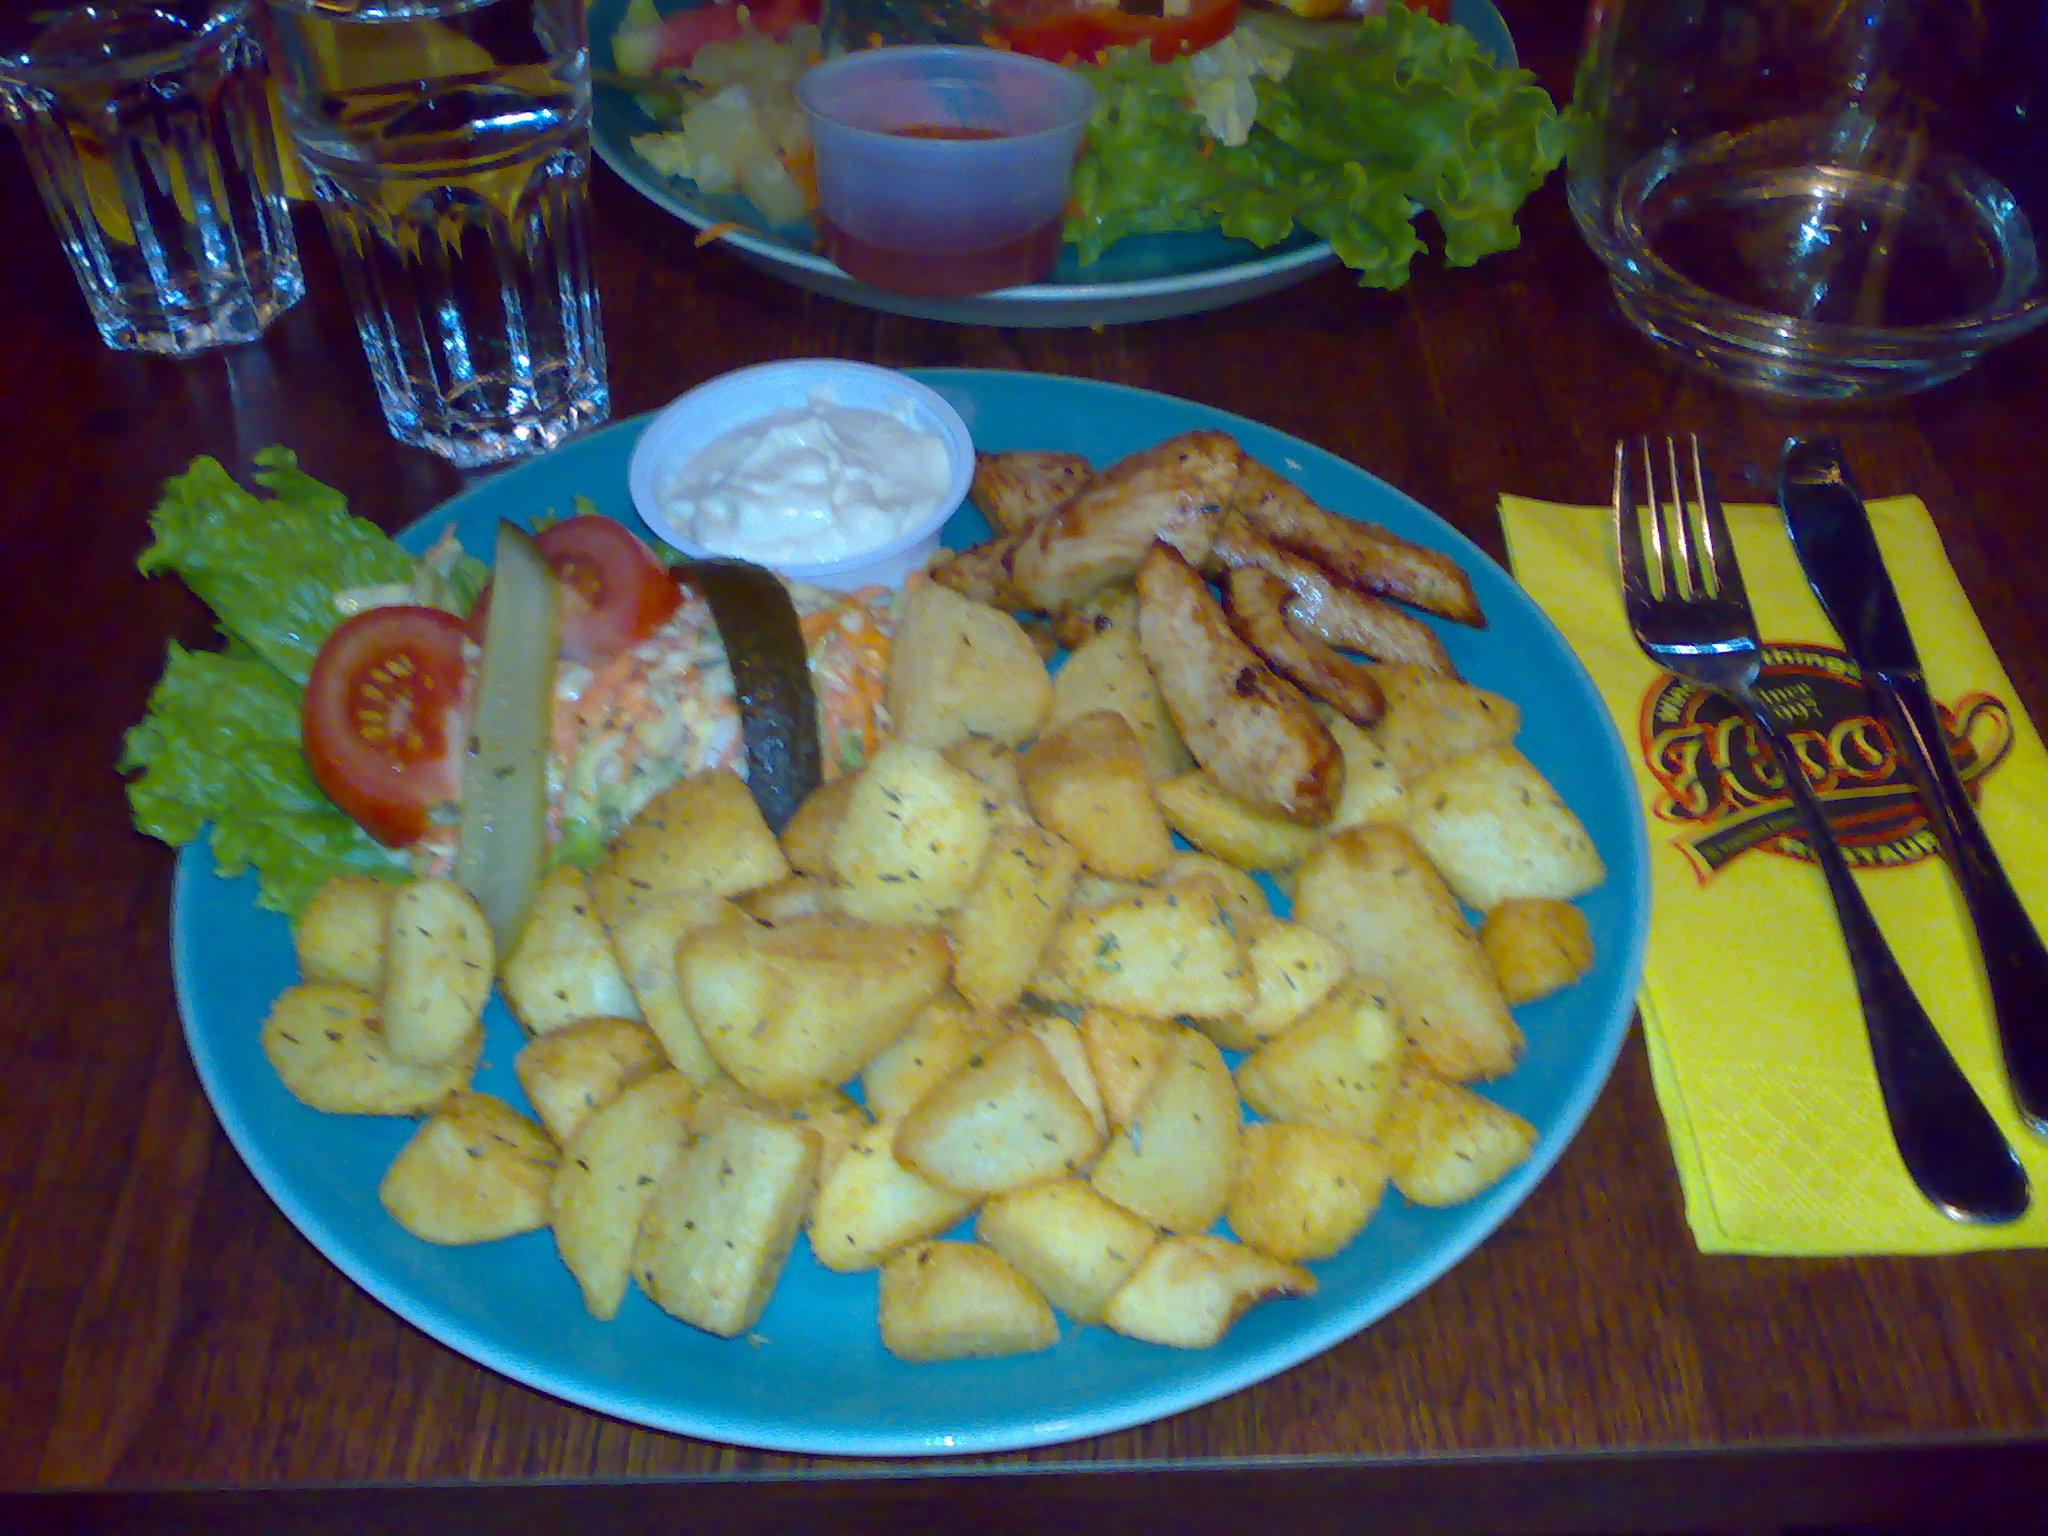 Ravintola Captain Hook, Lempäälä